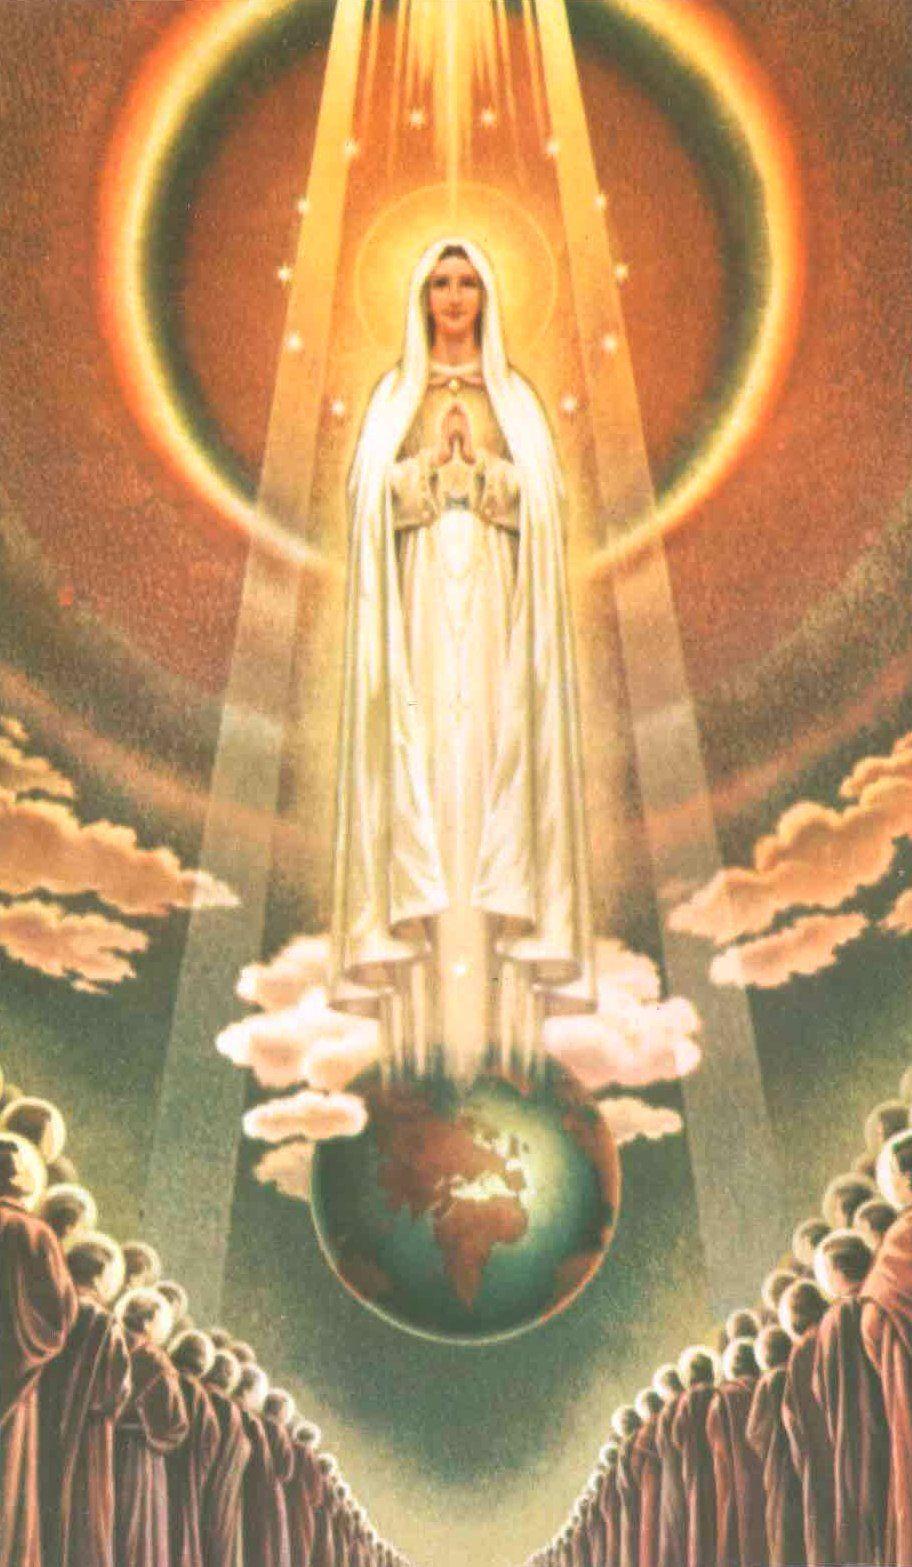 Acute prophecy of Fatima